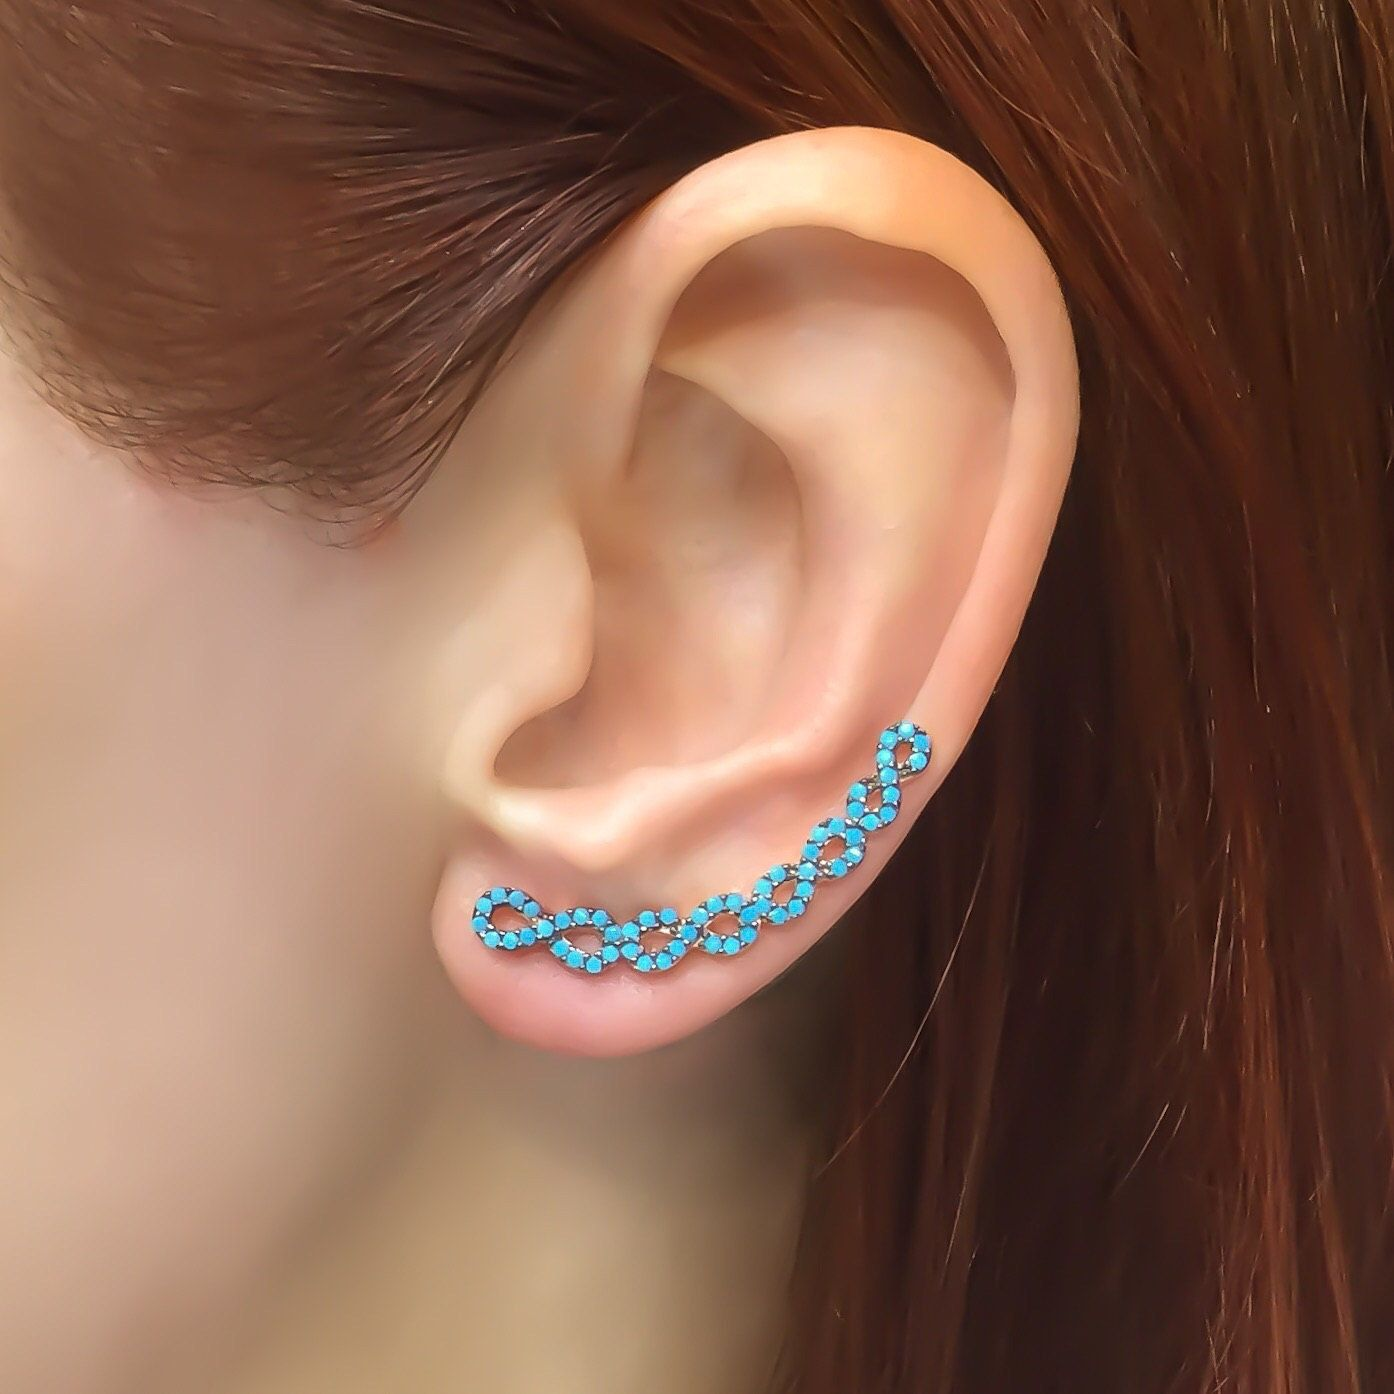 Silver Infinity Ear Cuff Ear Crawler Earrings Ear